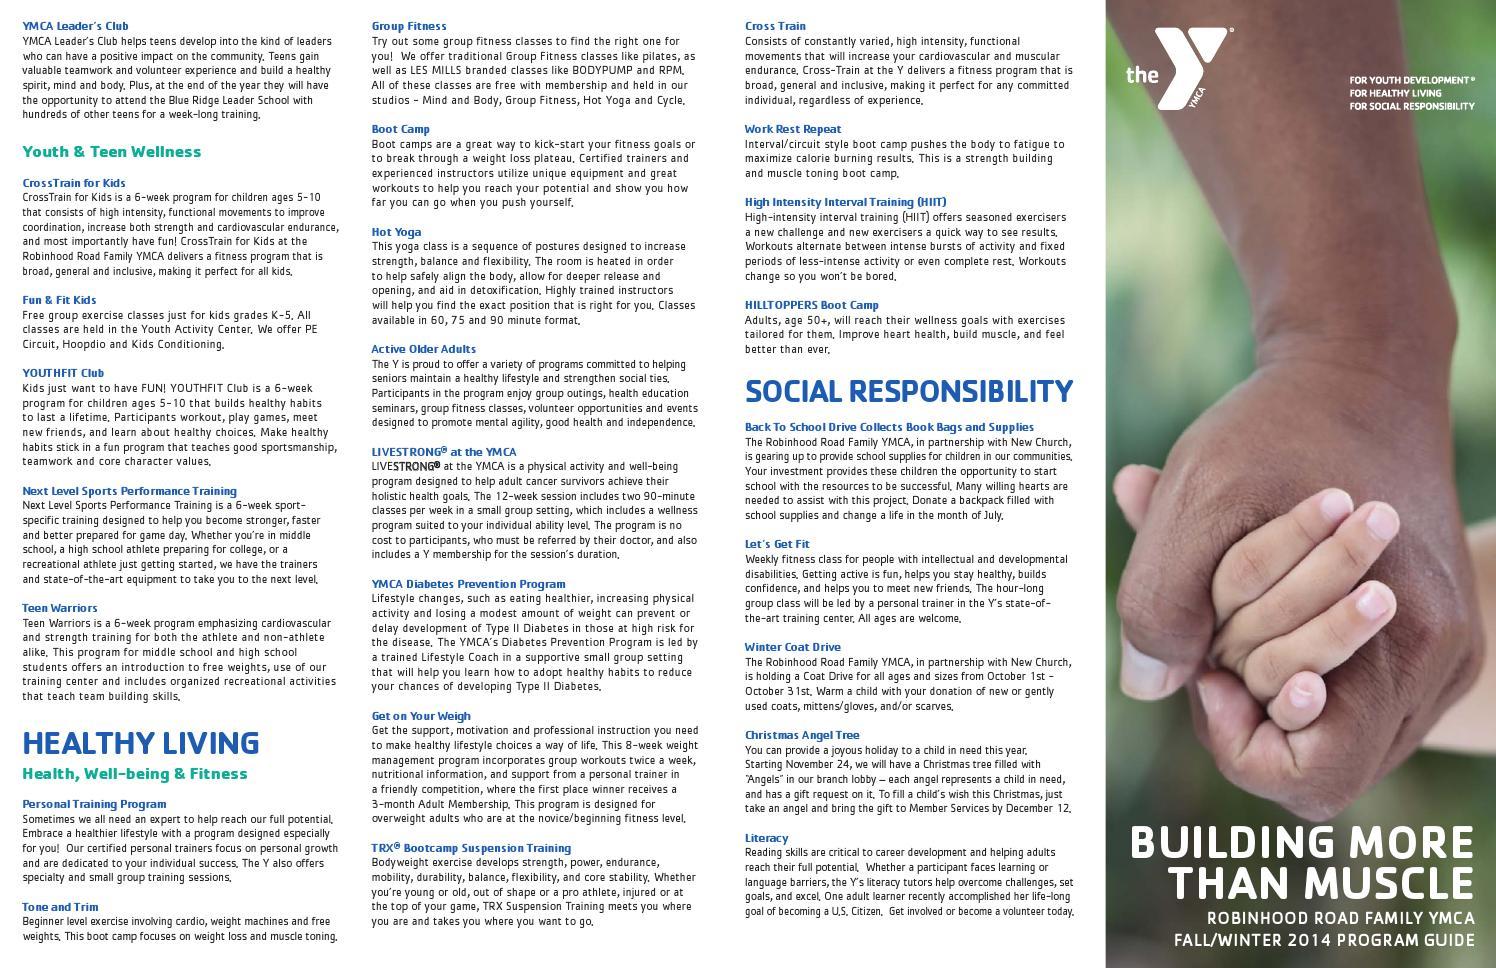 Robinhood Y Fall Winter 2014 Program Guide By Ymcanwnc Issuu